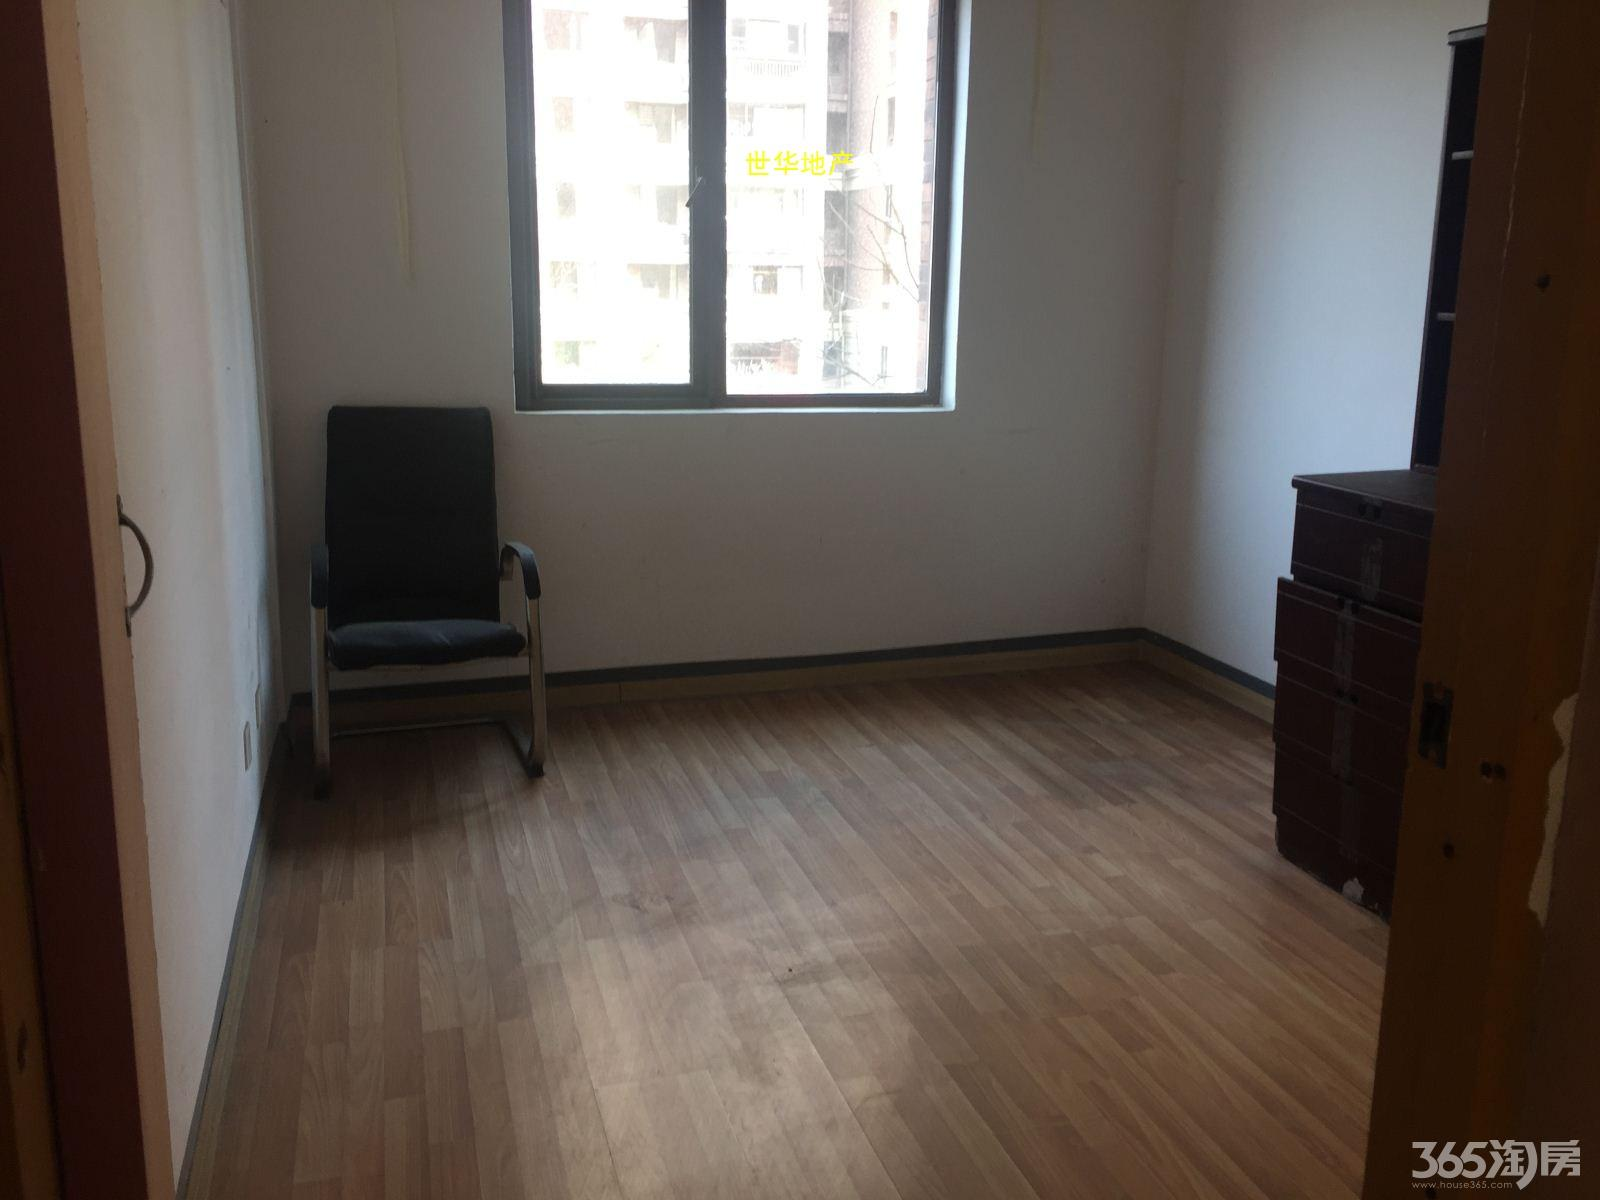 出租 伟星城 115平 3室2厅 简单装修 办公适用